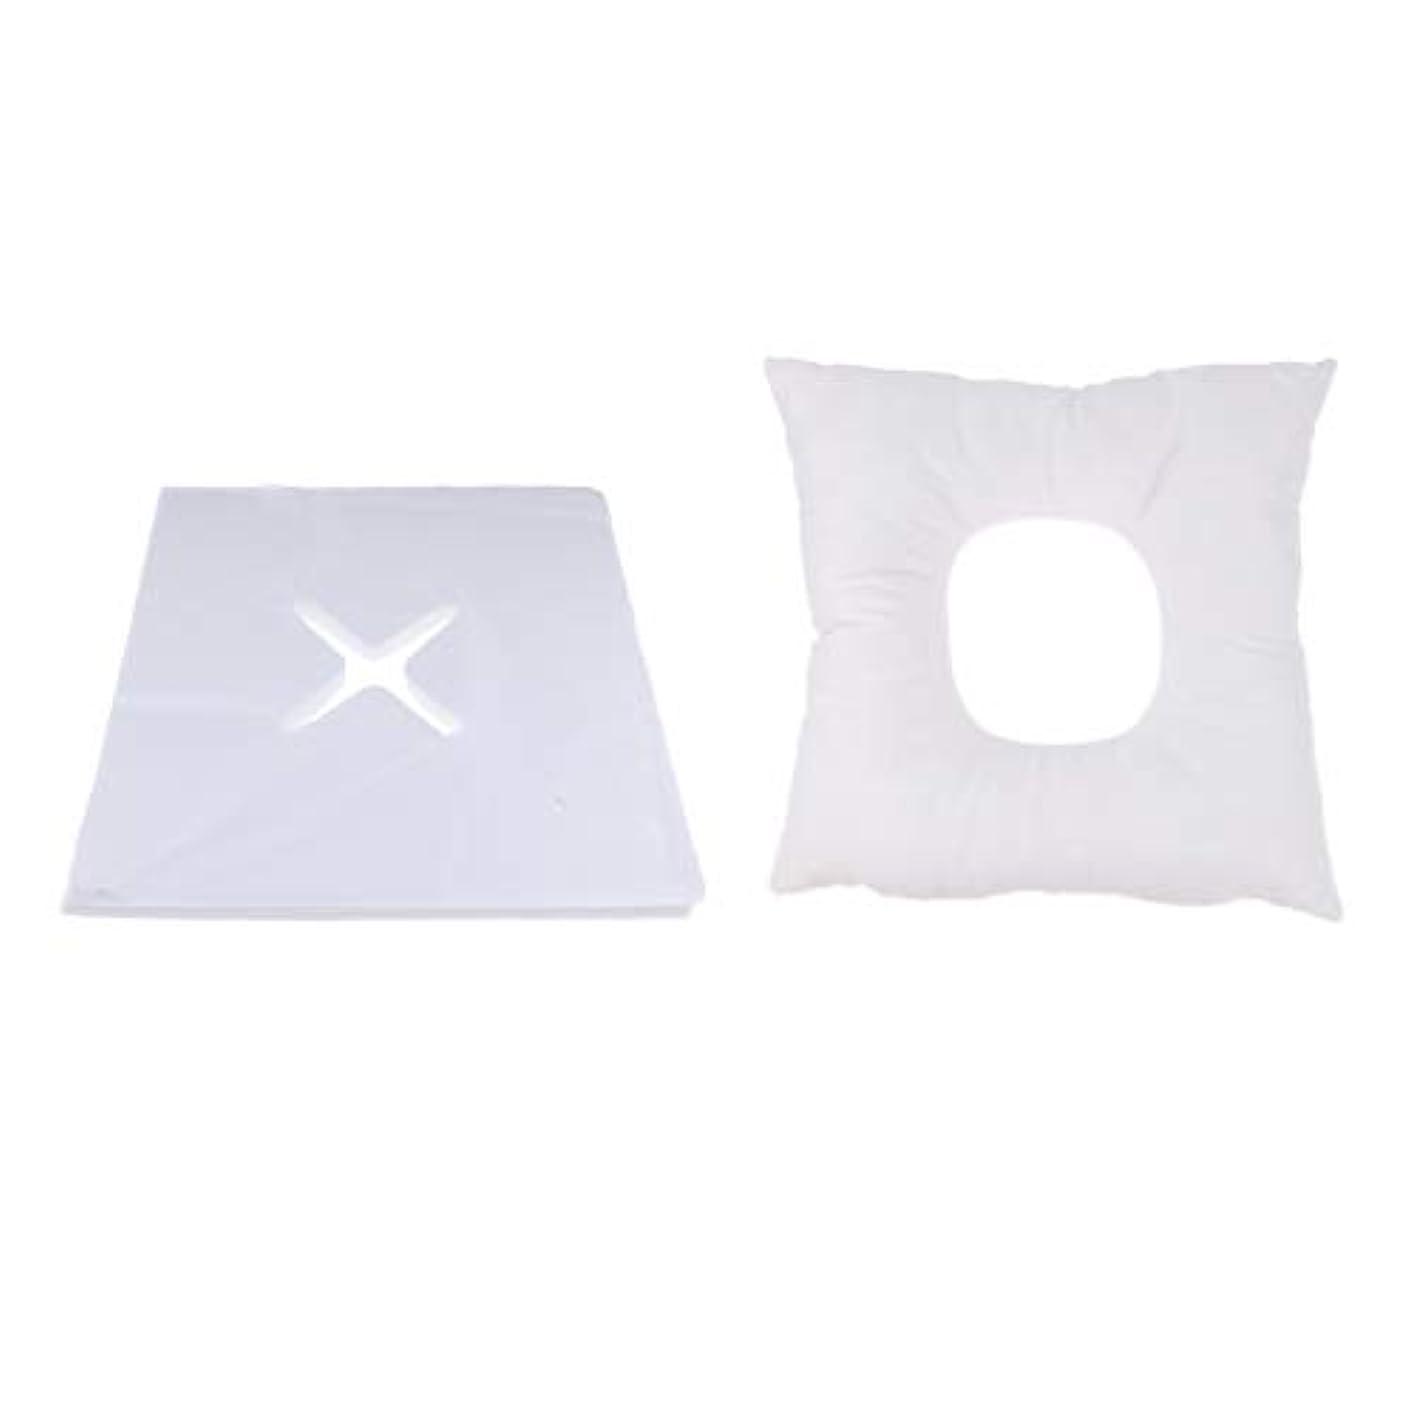 パトロン消化器救いFenteer マッサージ枕 顔枕 フェイスマット フェイスピロー 200個使い捨てカバー付 マッサージテーブル用 快適